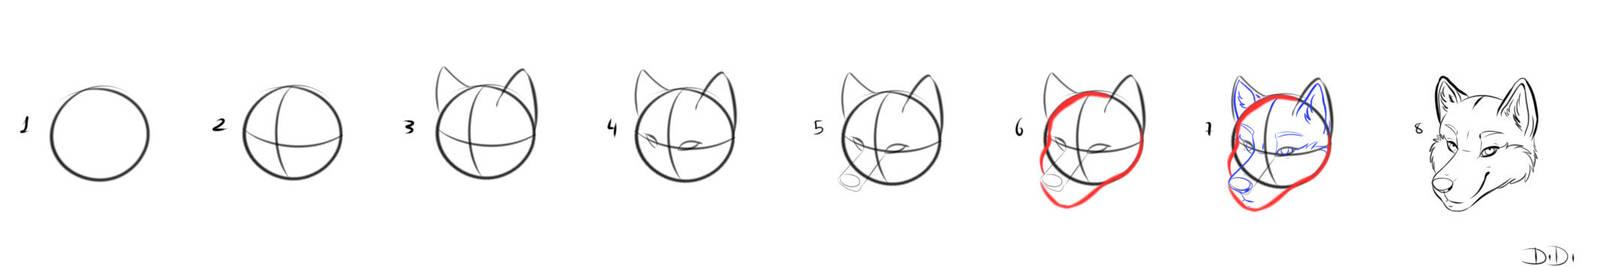 Como Dibujar Cabezas De Lobo O Caninotutorial By Daynaradesics On